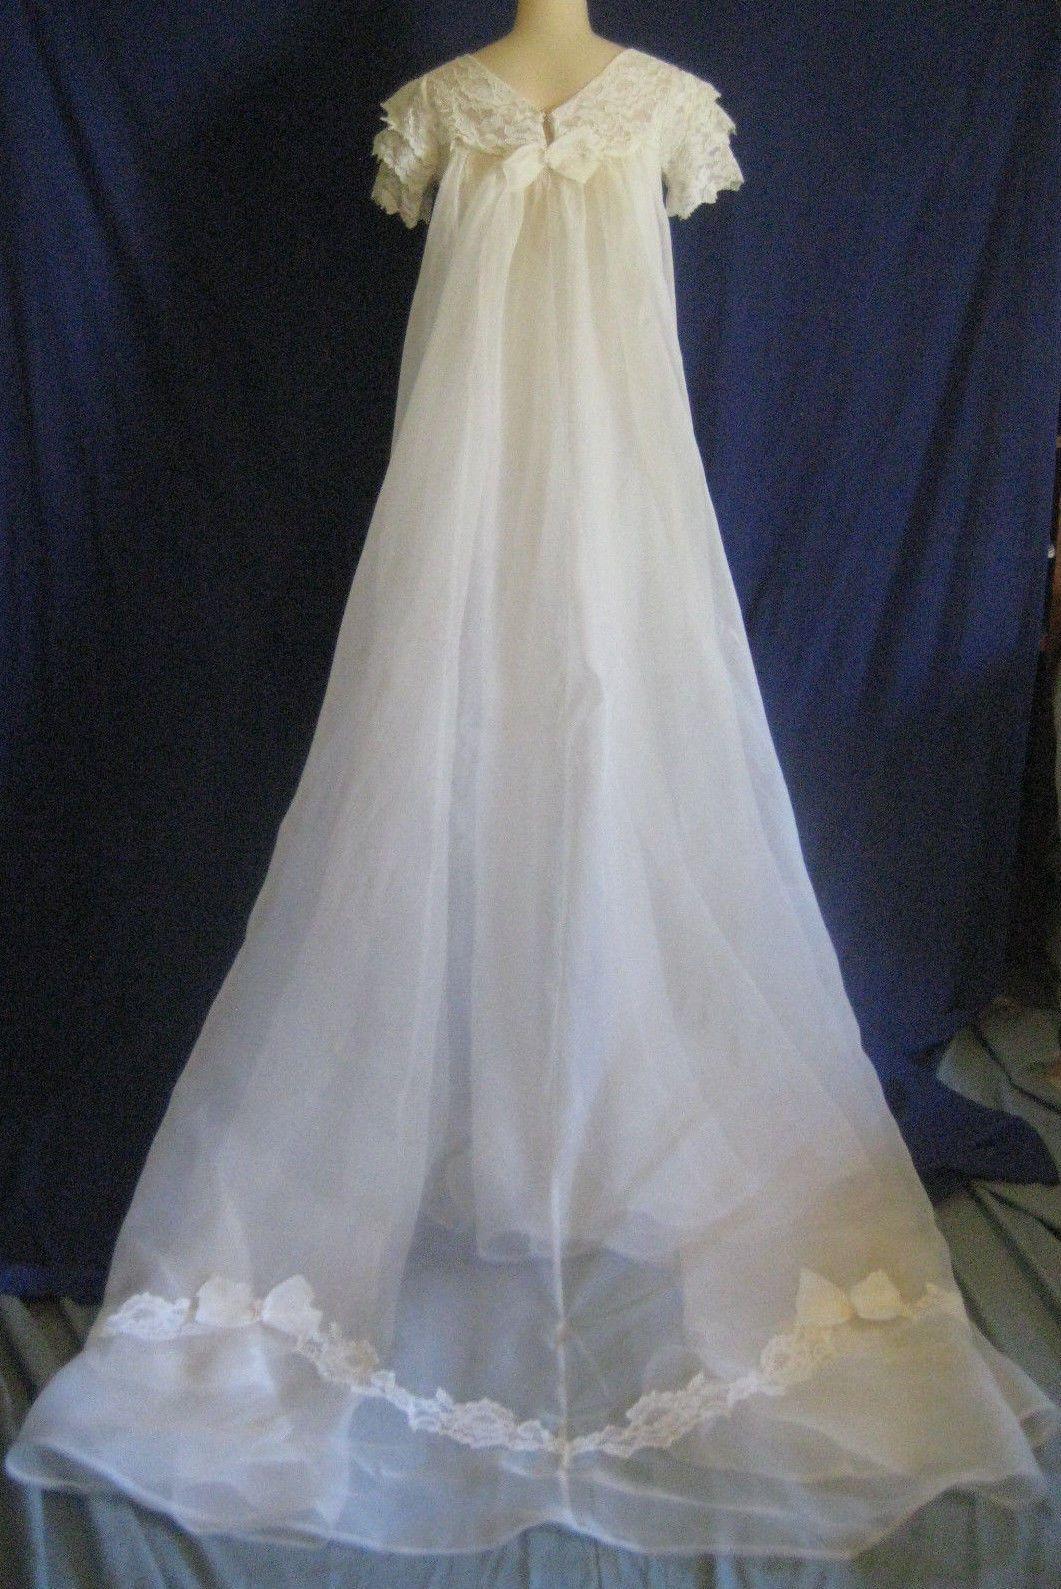 Vtg s wedding dress sz xs xxs petite gown long train offwhite